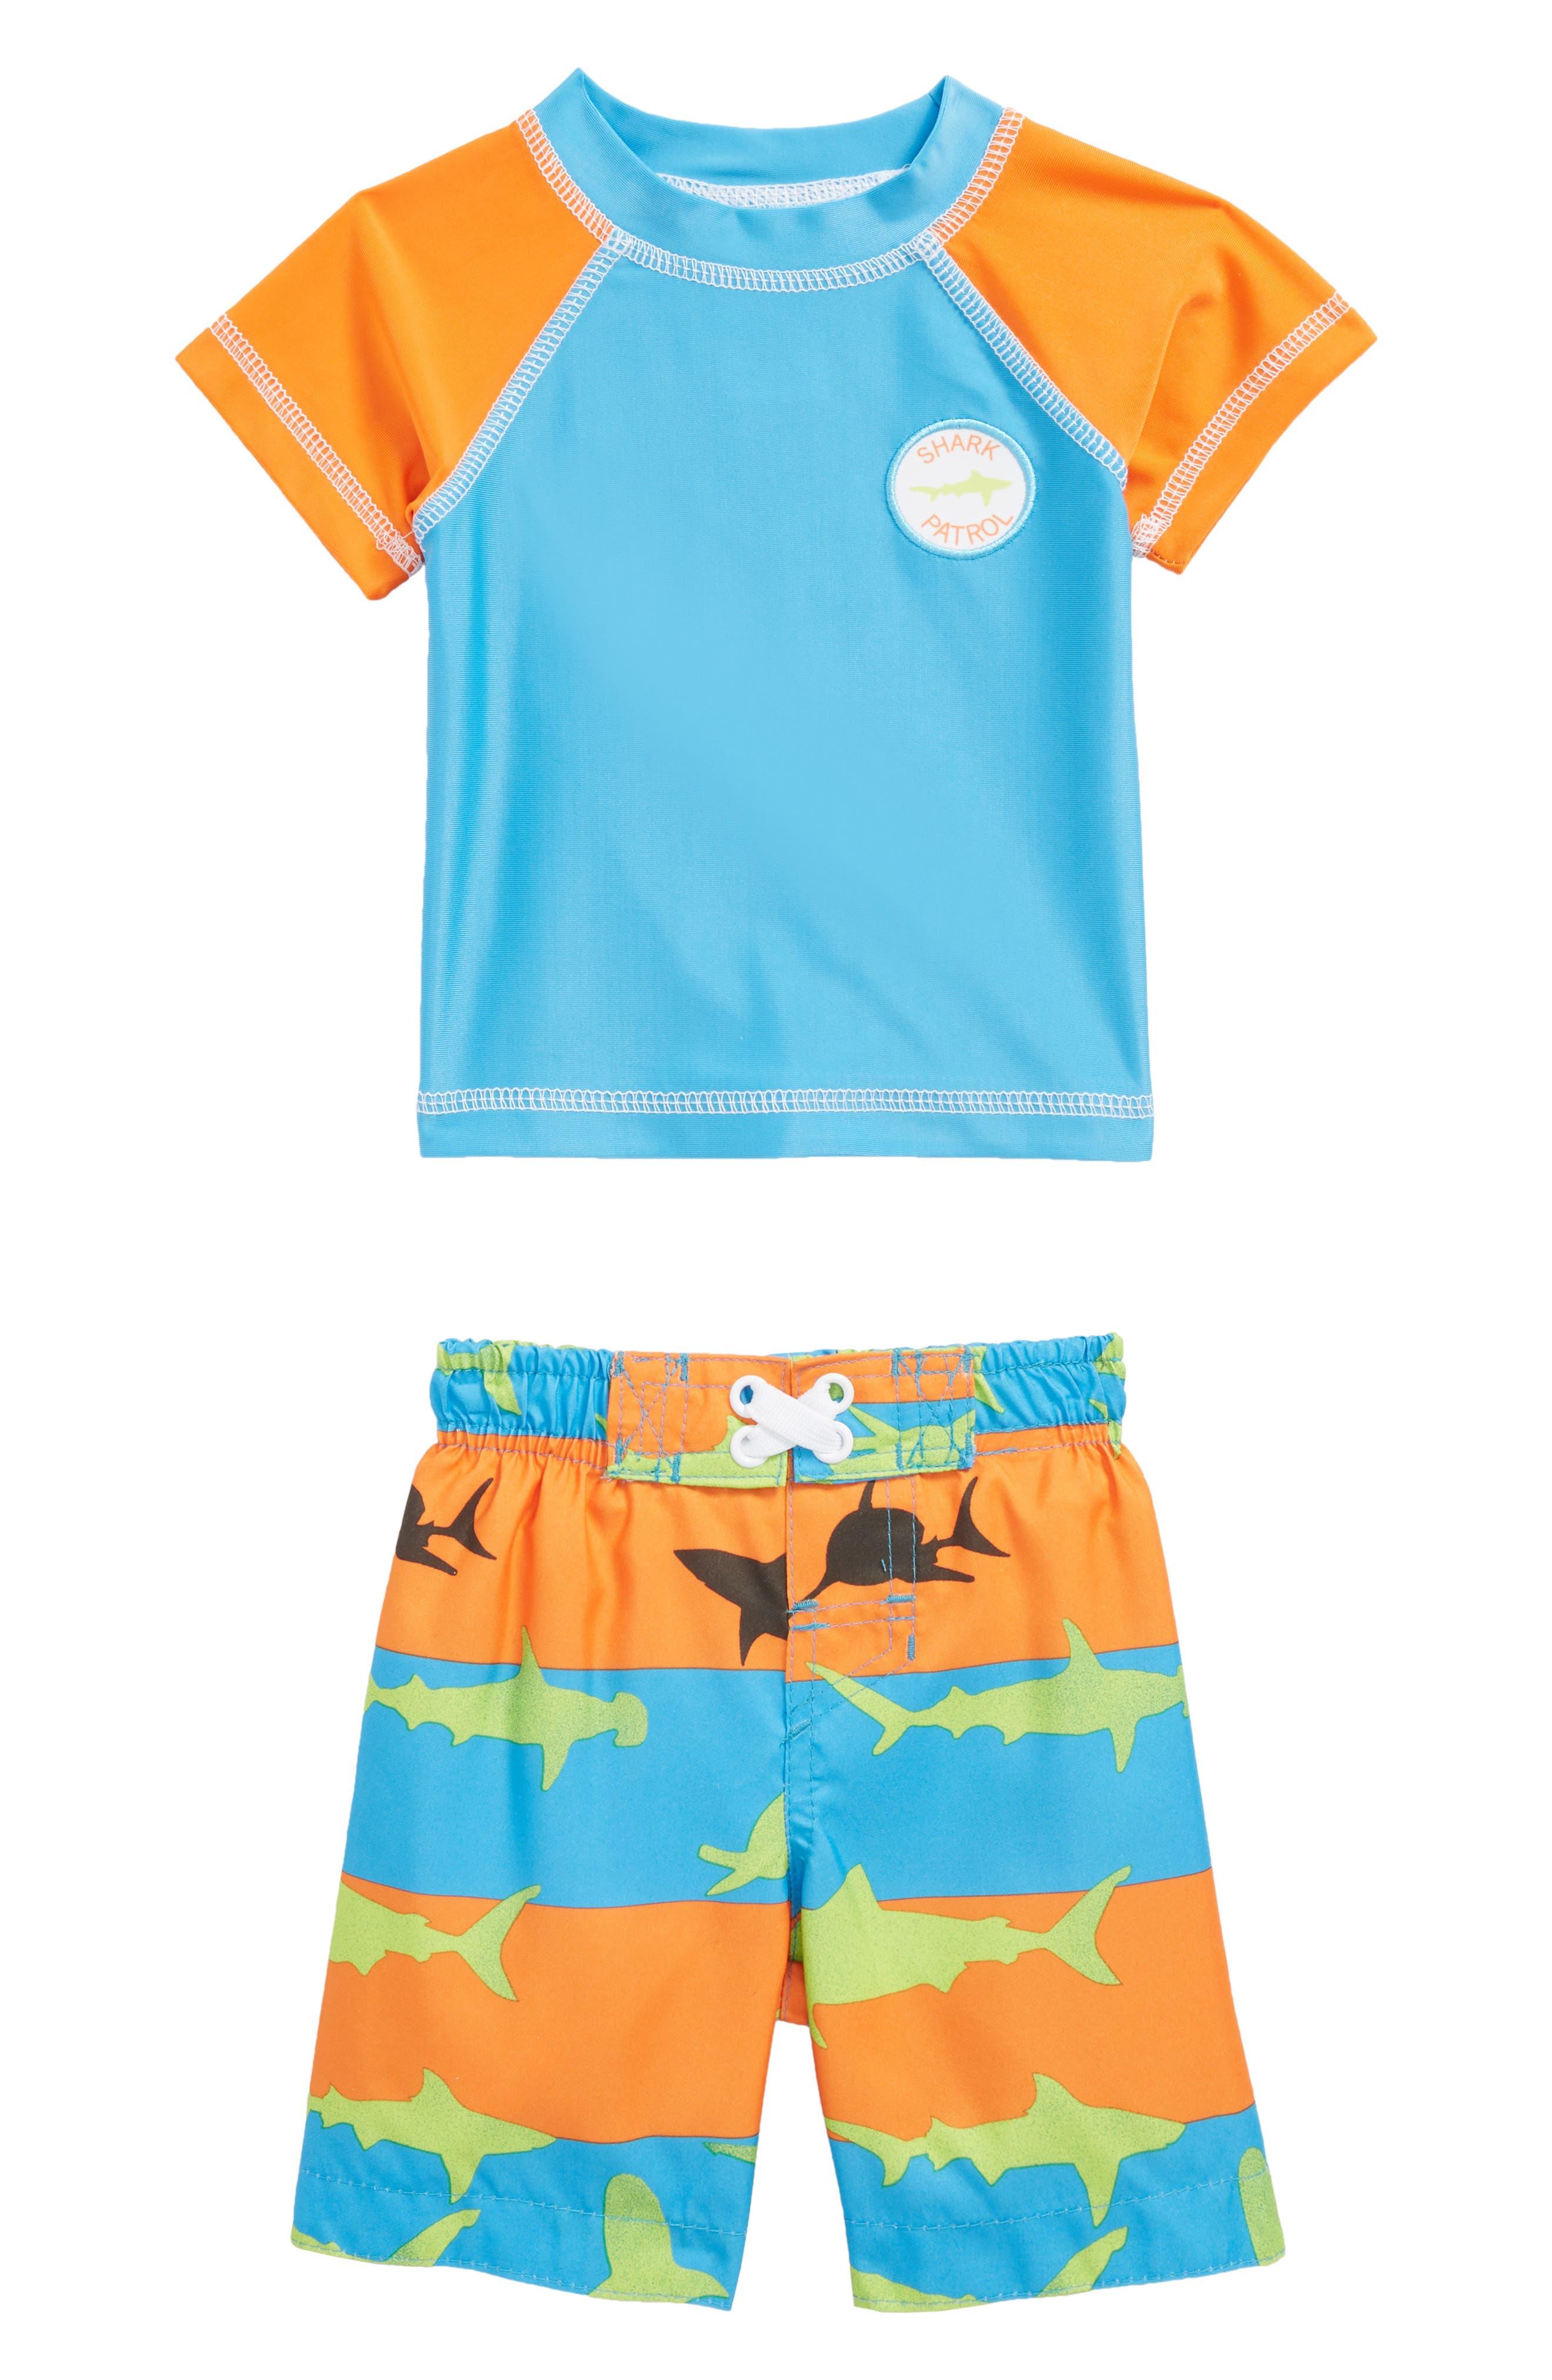 Shark Illusion Two-Piece Rashguard Swimsuit,                             Main thumbnail 1, color,                             Blue Multi